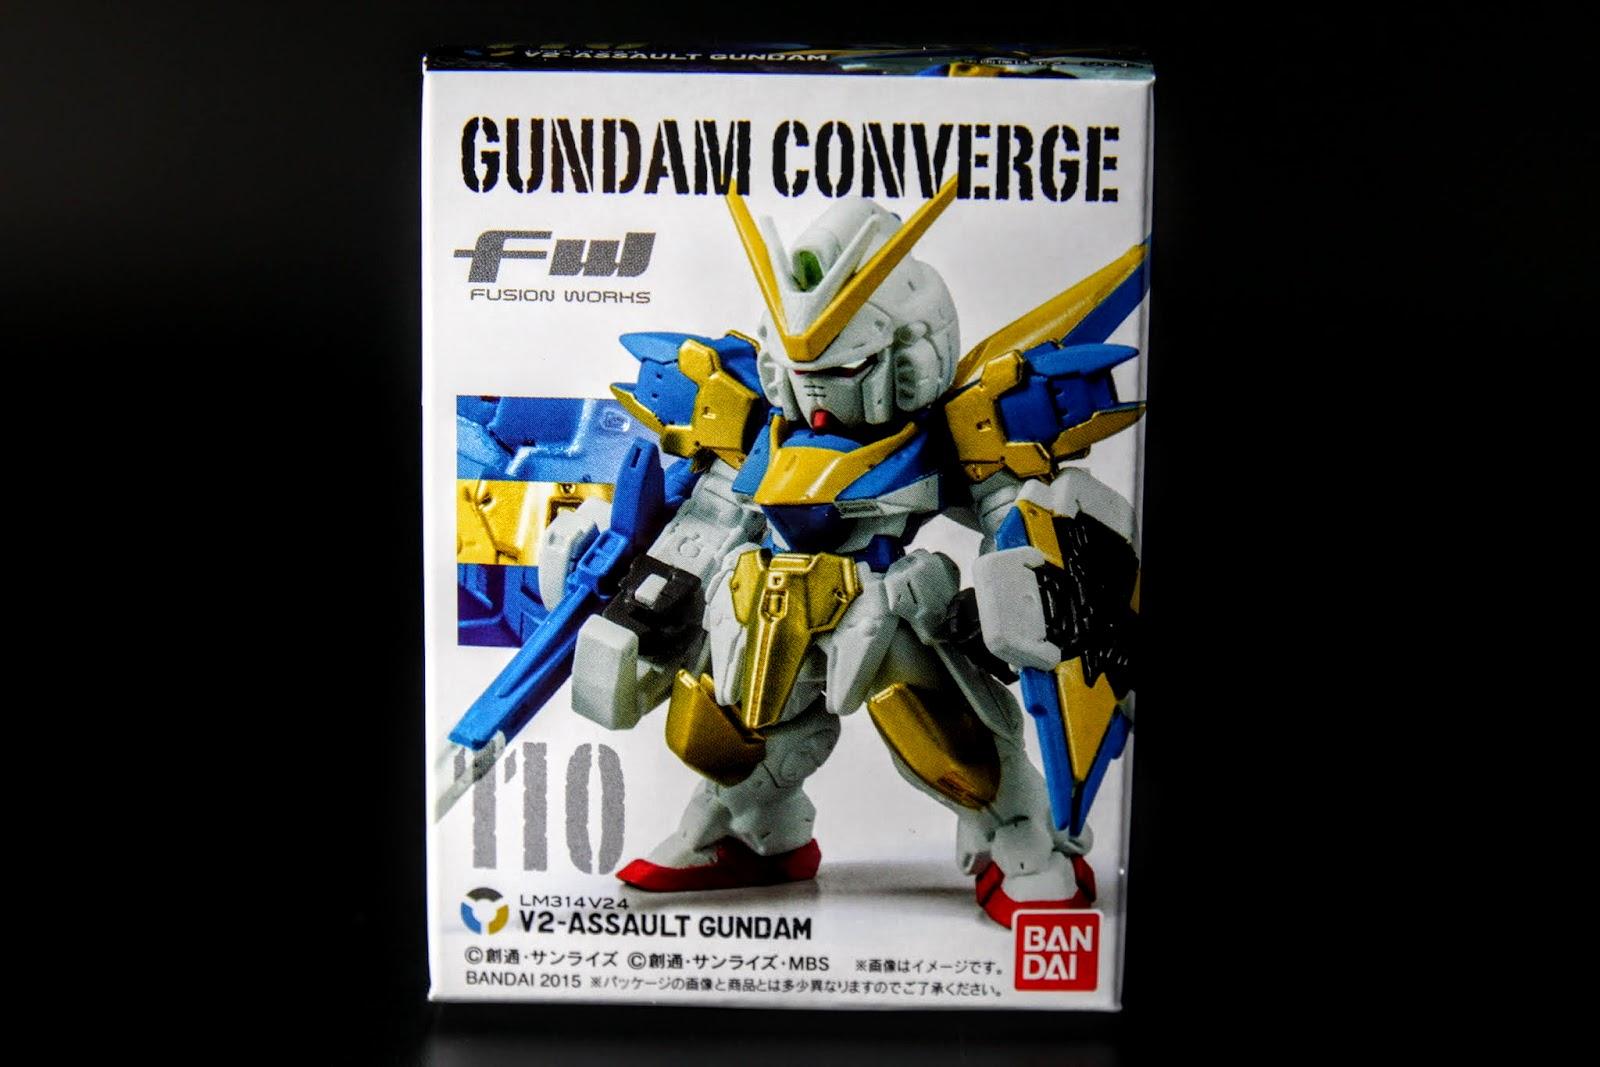 No.110: V2-Assault Gundam